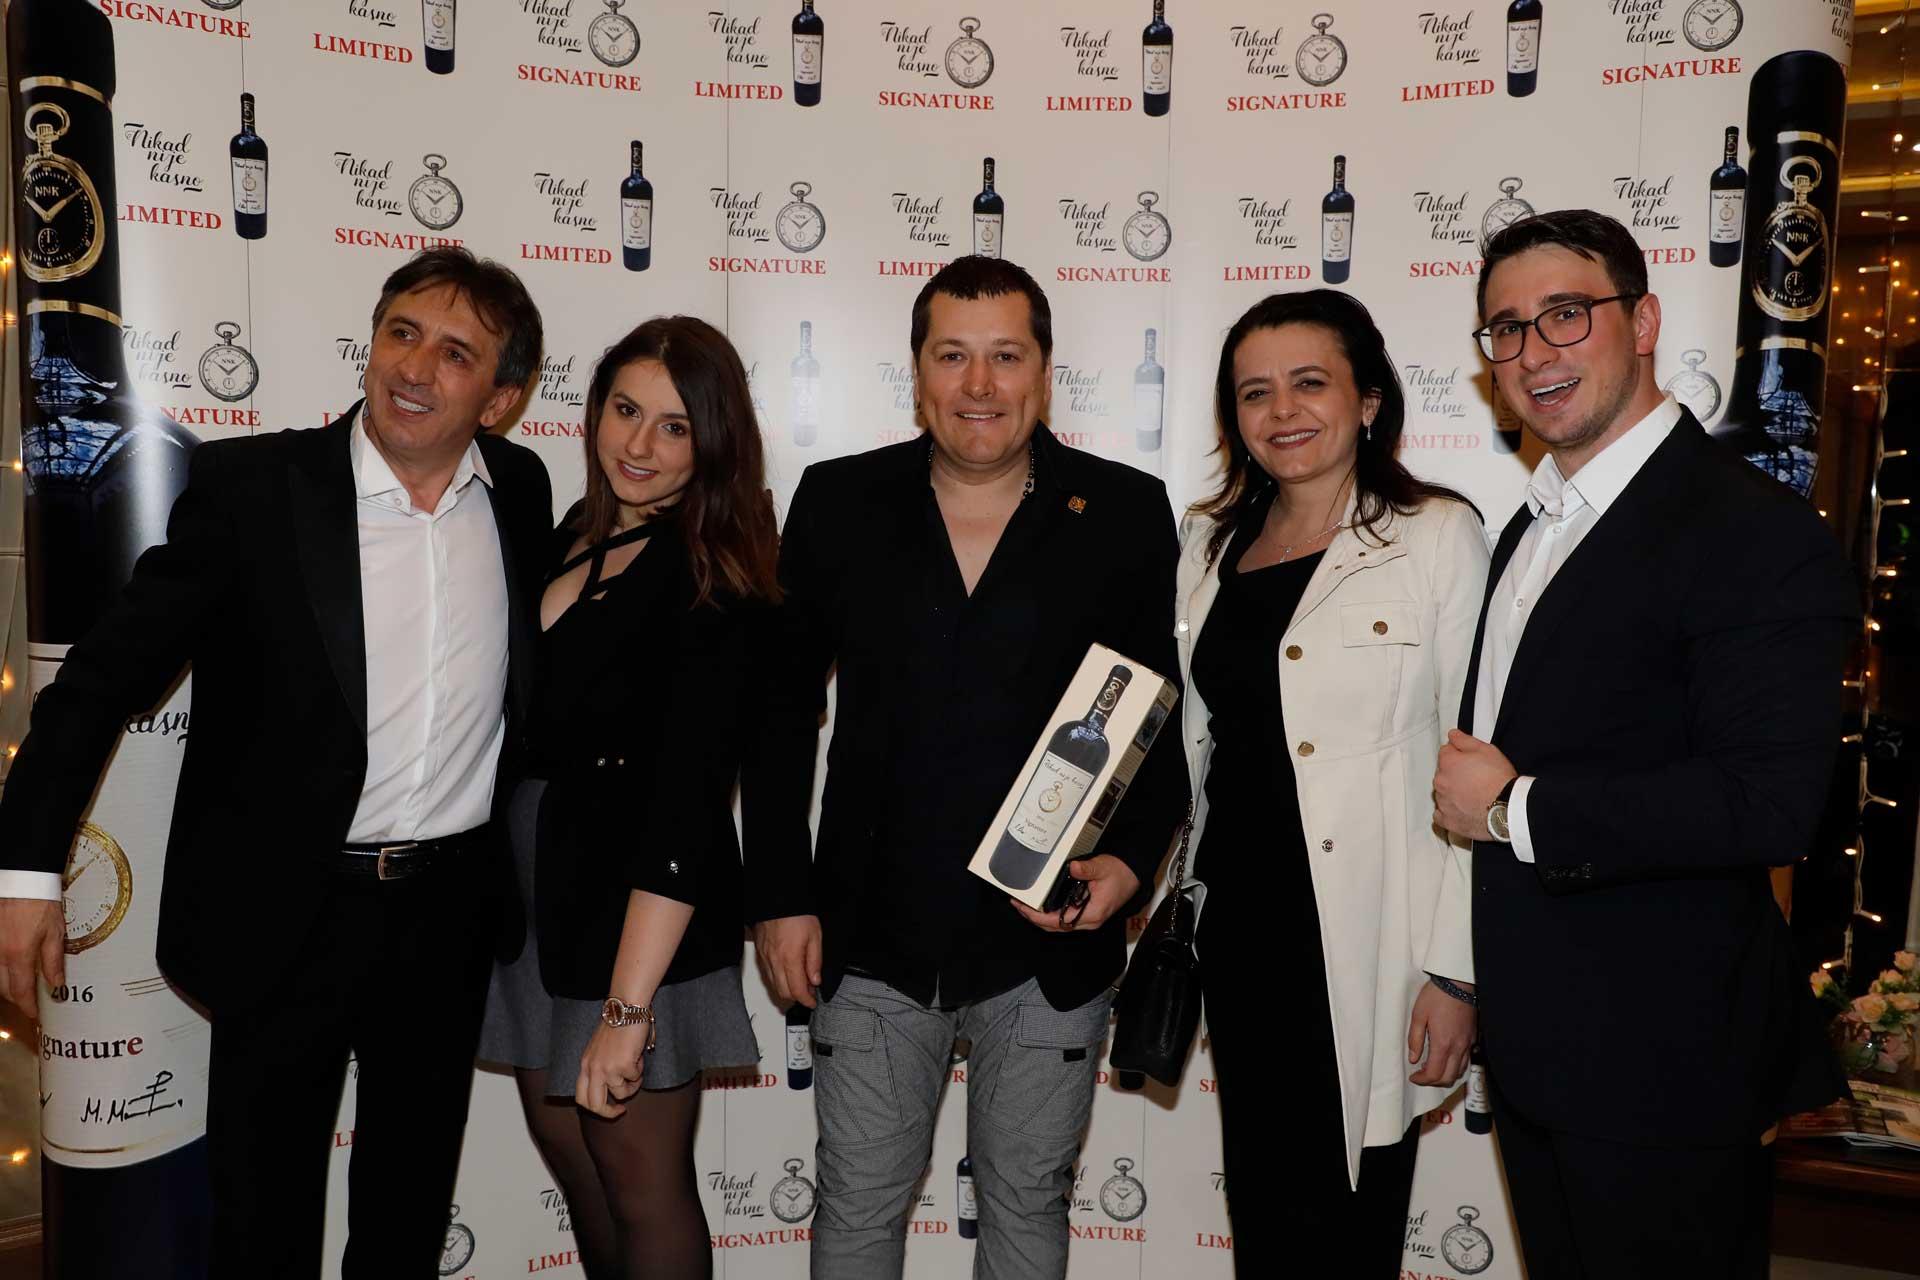 """Održana promocija vina """"Nikad nije kasno"""": Pogledajte ko je sve od poznatih došao na ovaj događaj"""